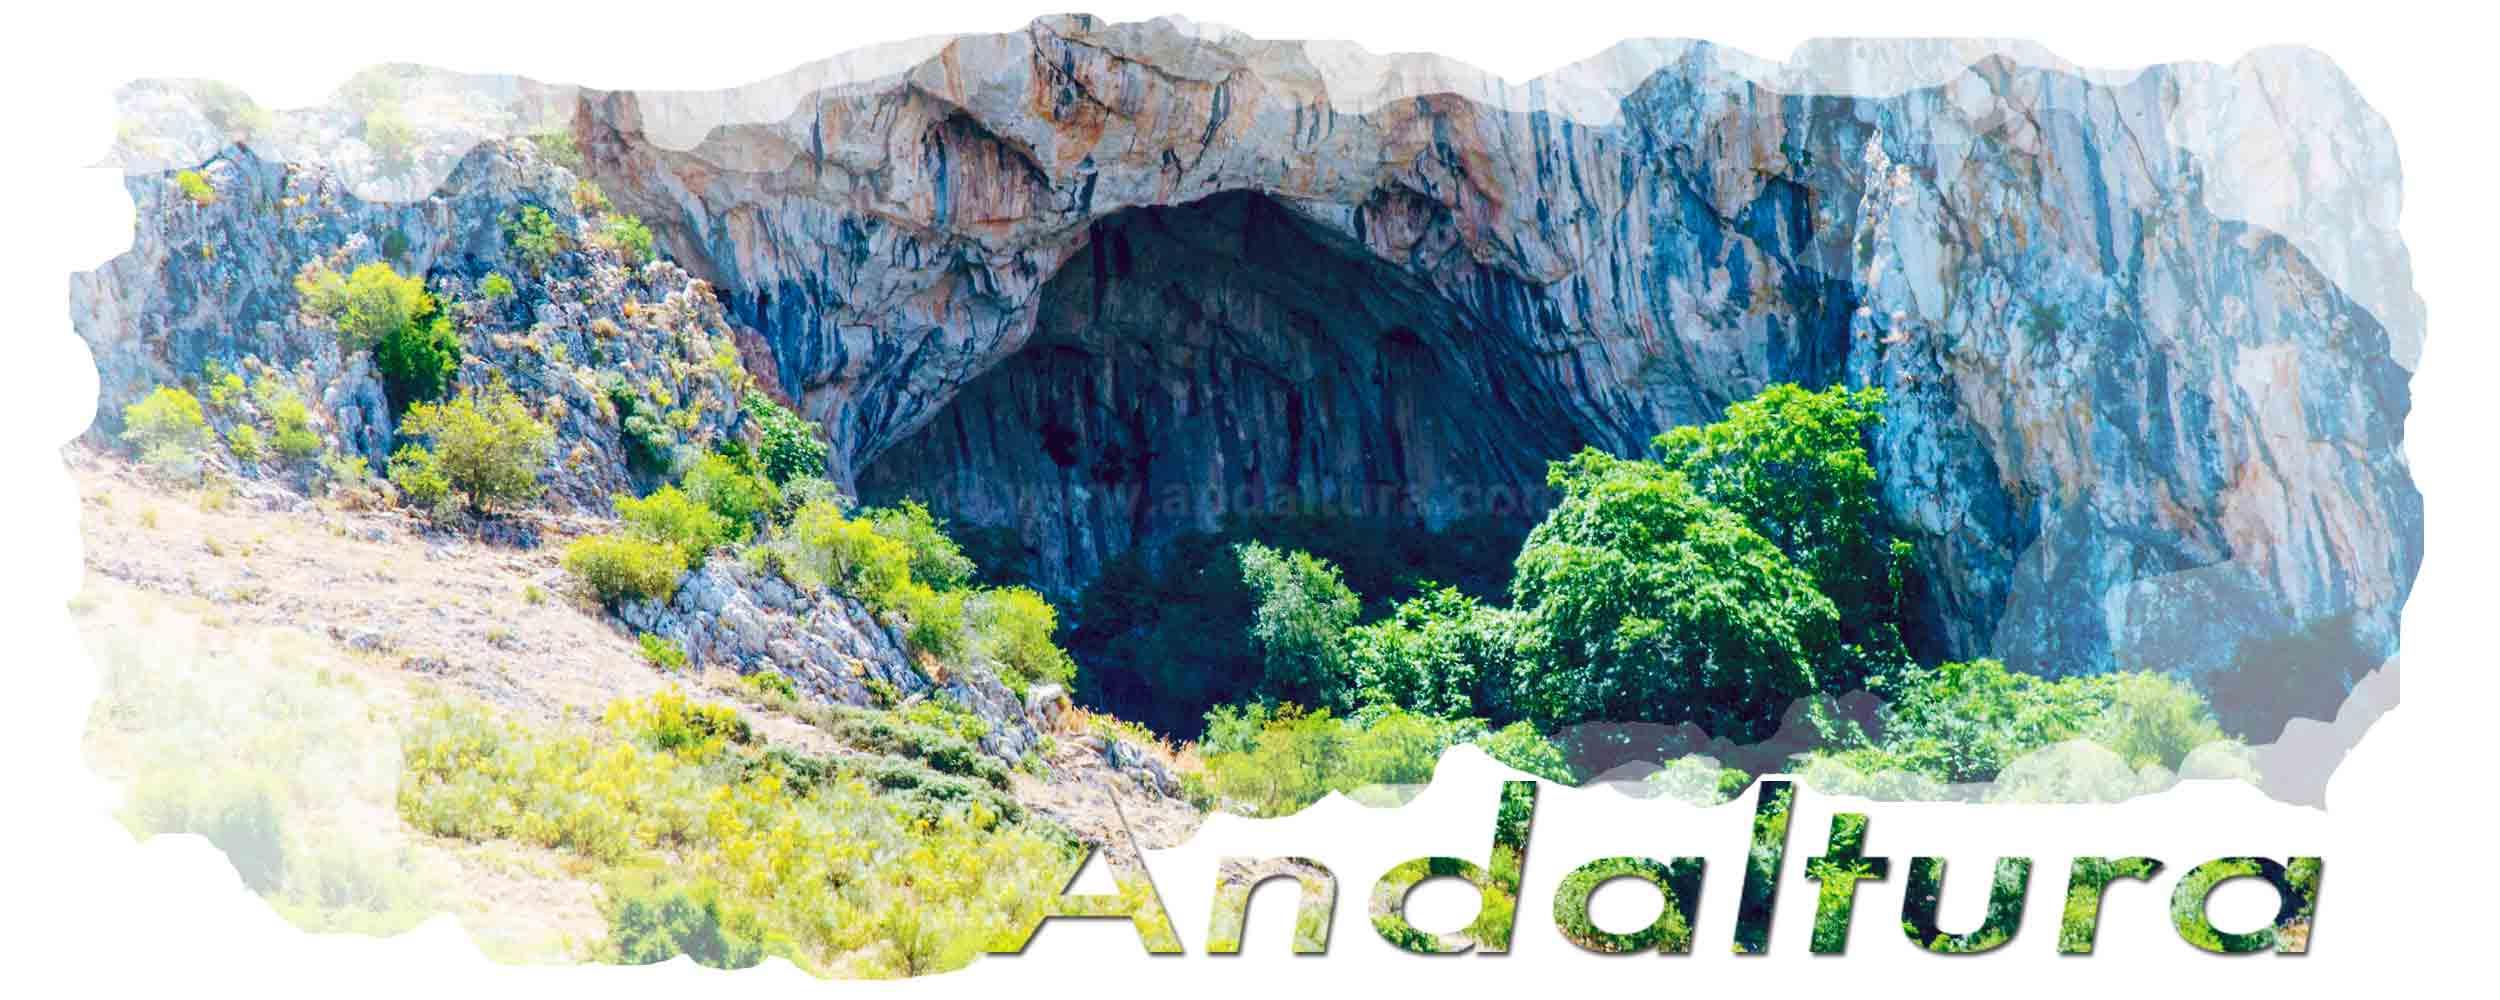 Cabecera plagio ruta GR7 de Mecina-Bombarón a Yegen. Cueva de las Gradas